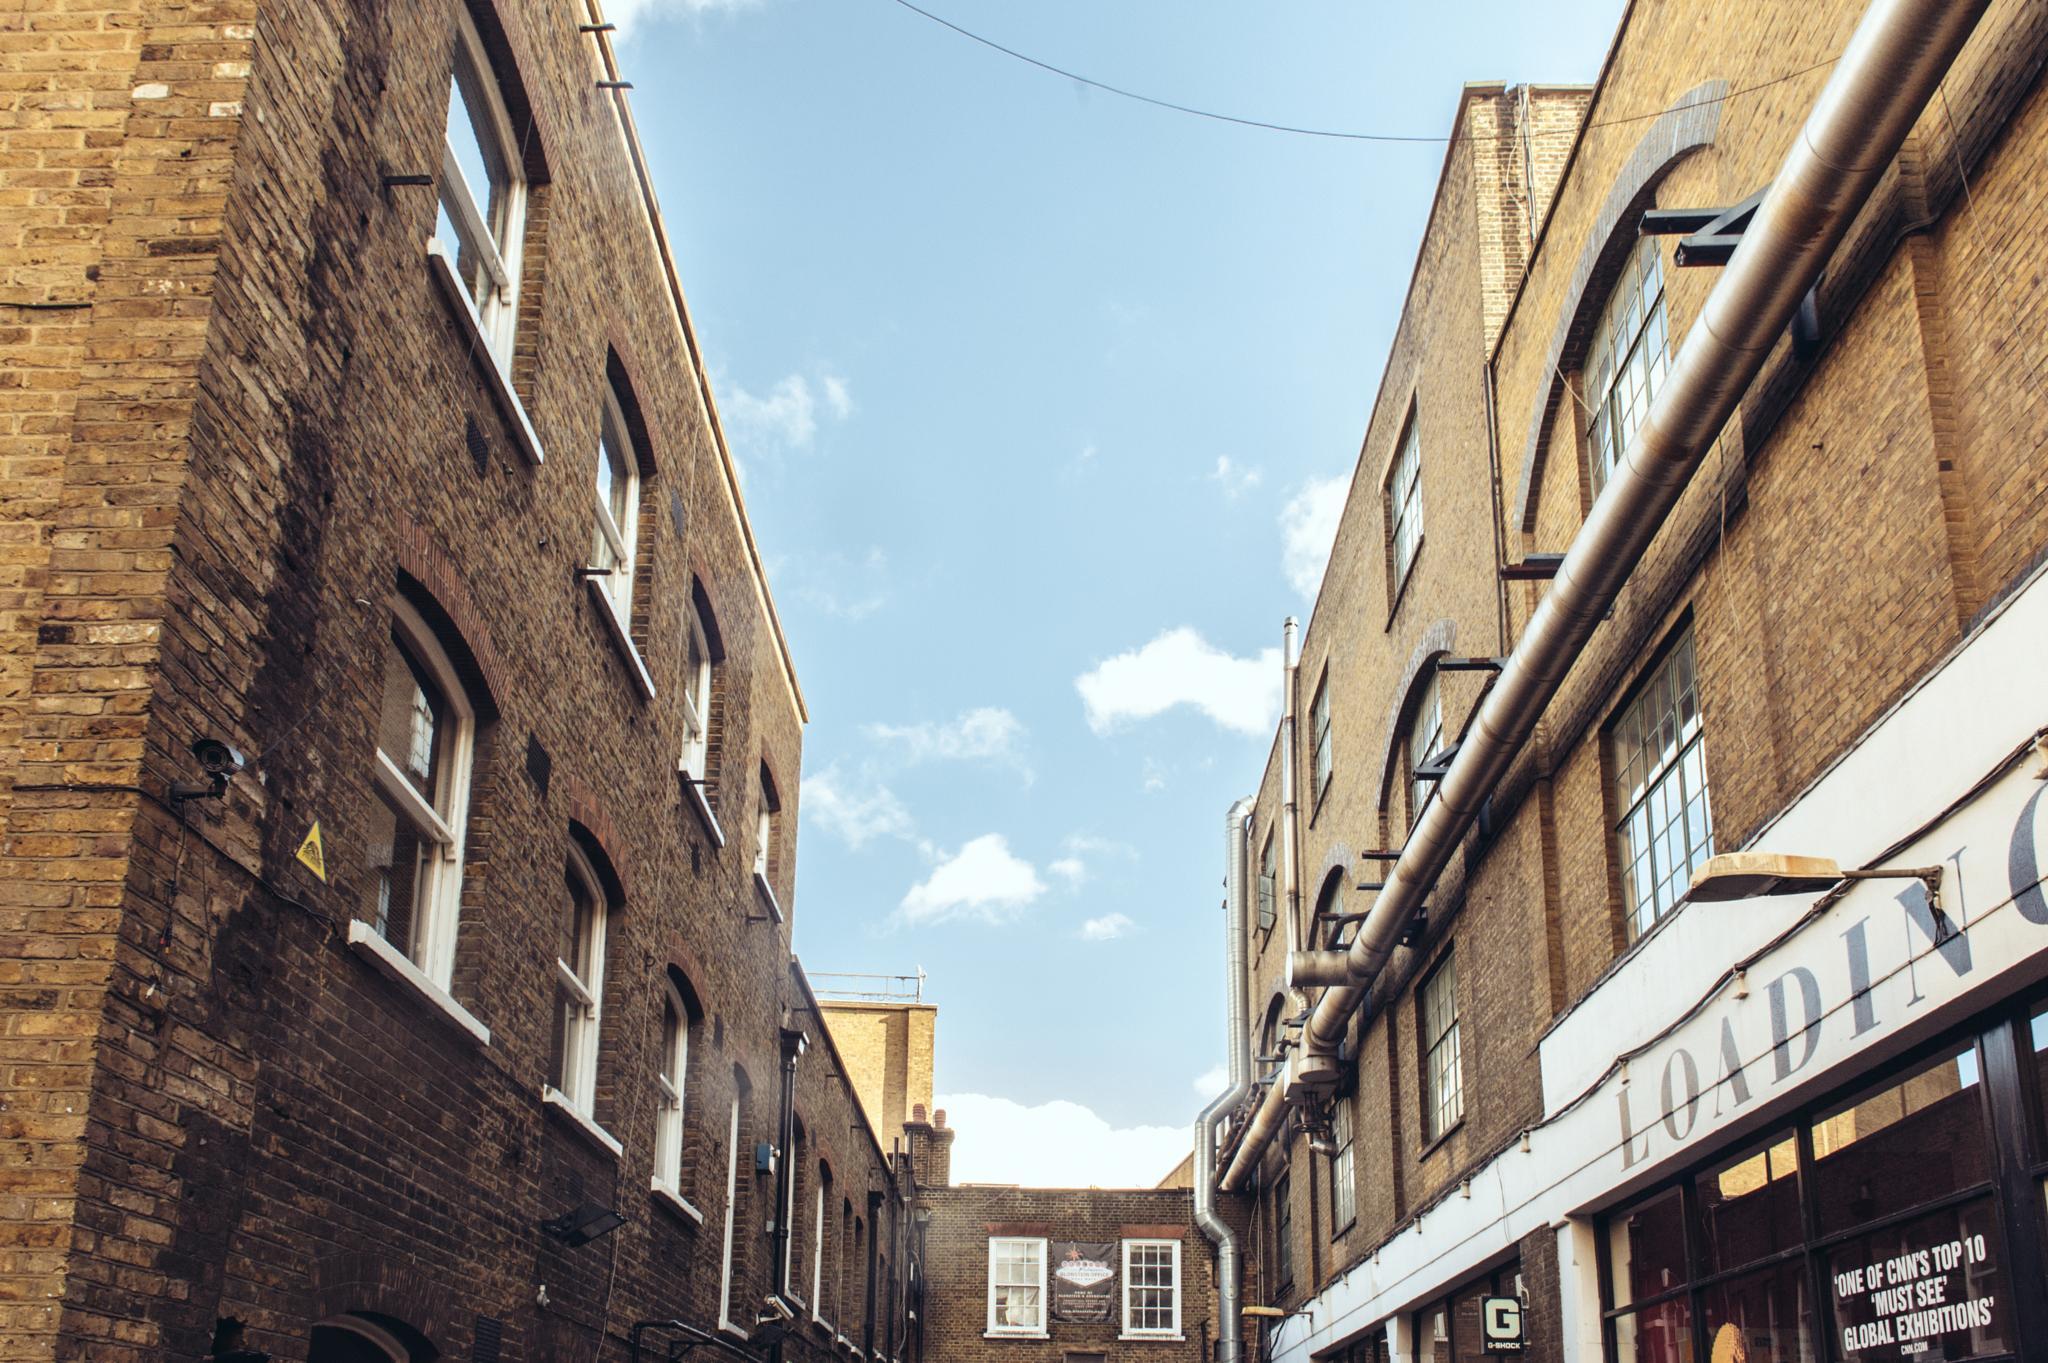 Street of London by matteolomonte